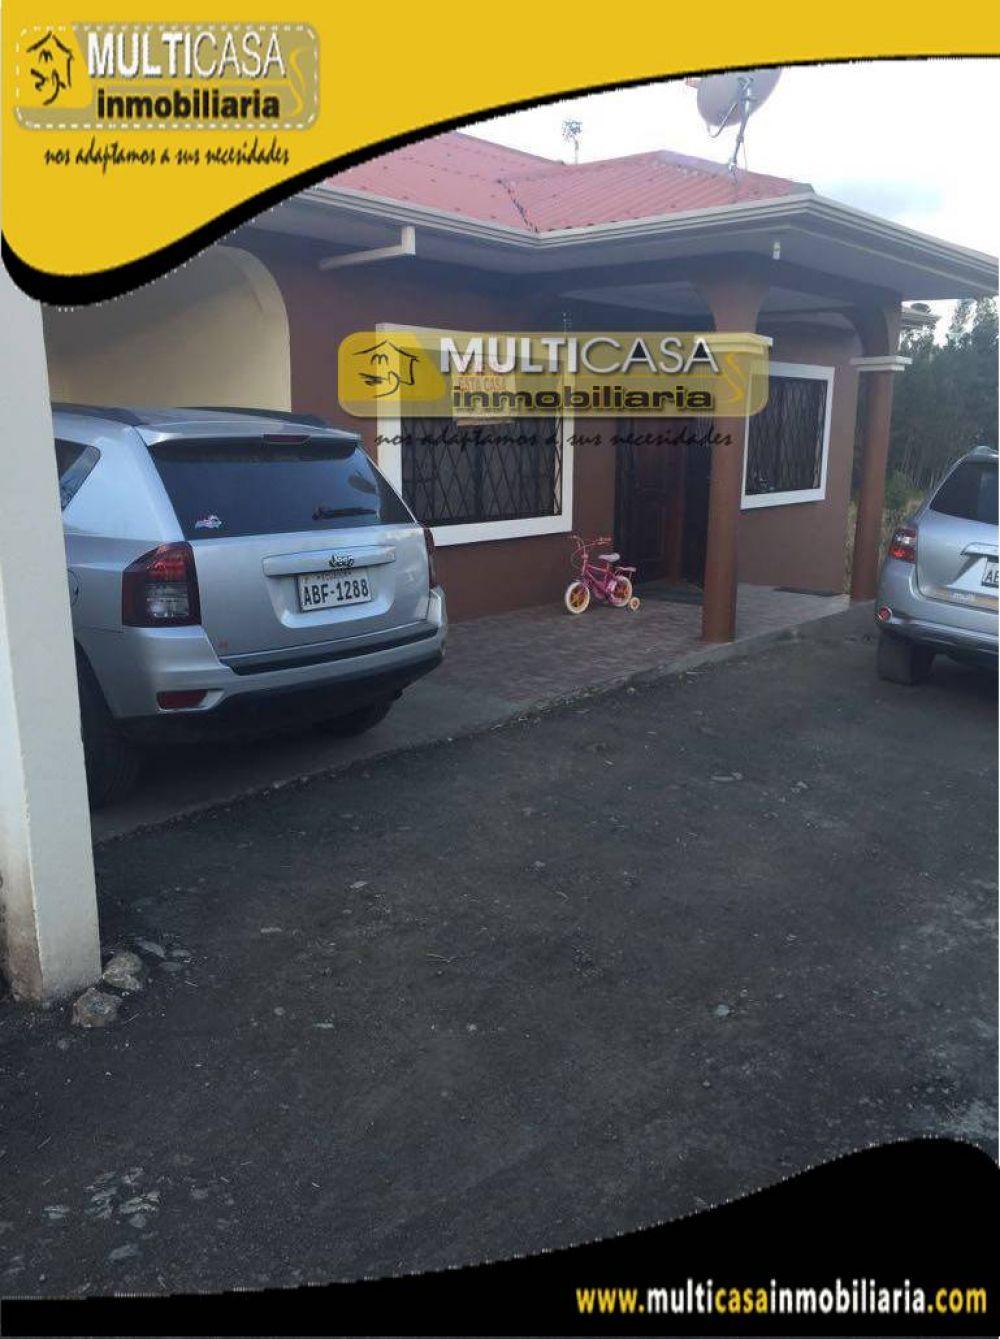 Venta de Hermosa casa a Crédito con garaje para seis Vehículos Sector Ricaurte Cuenca-Ecuador